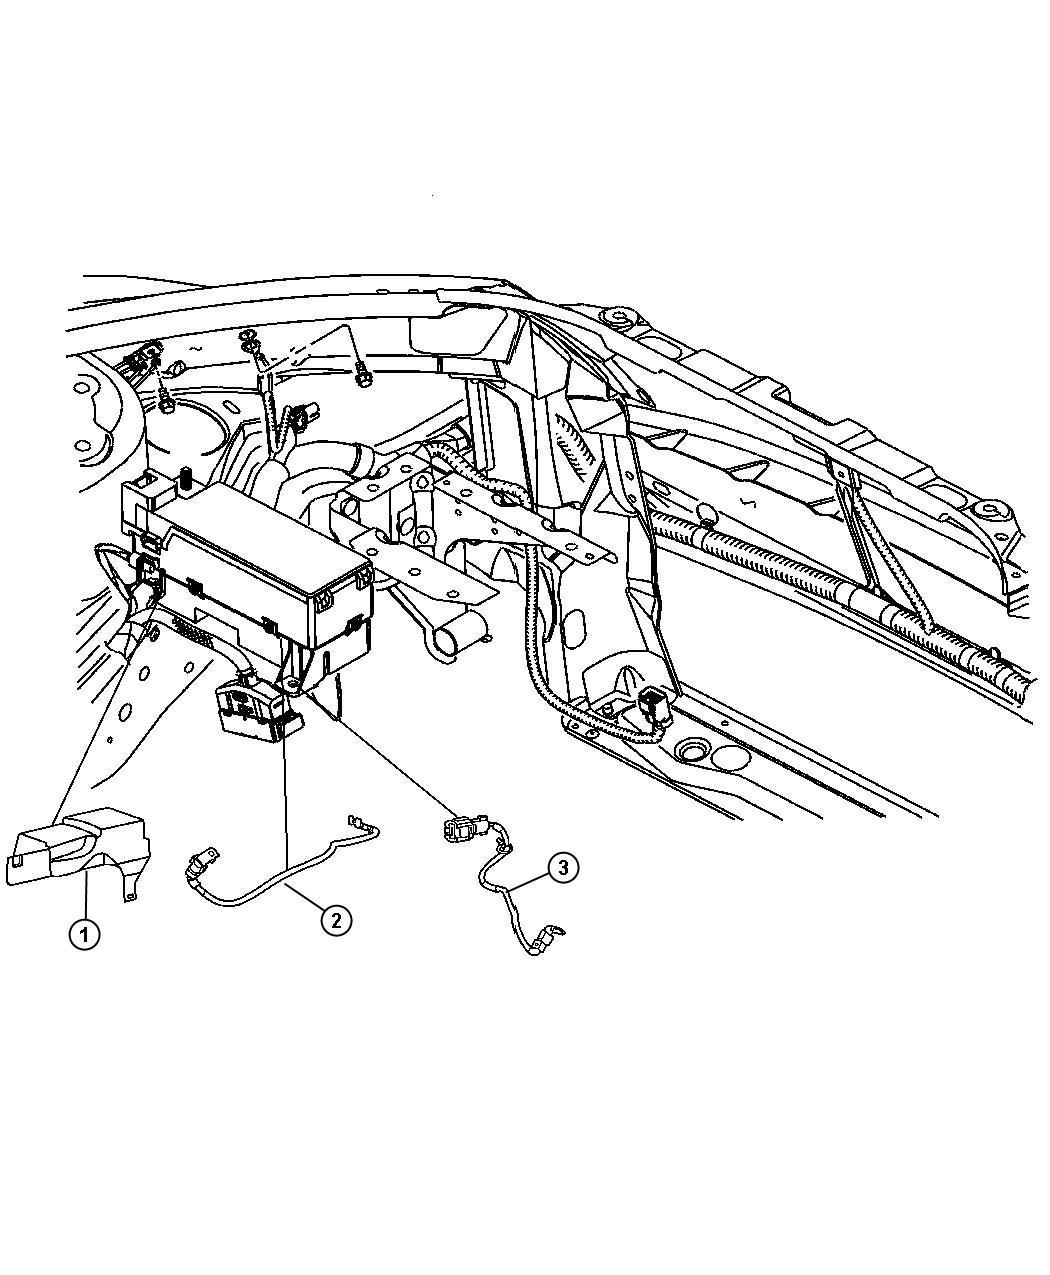 Chrysler Pt Cruiser Totally Integrated Power Module